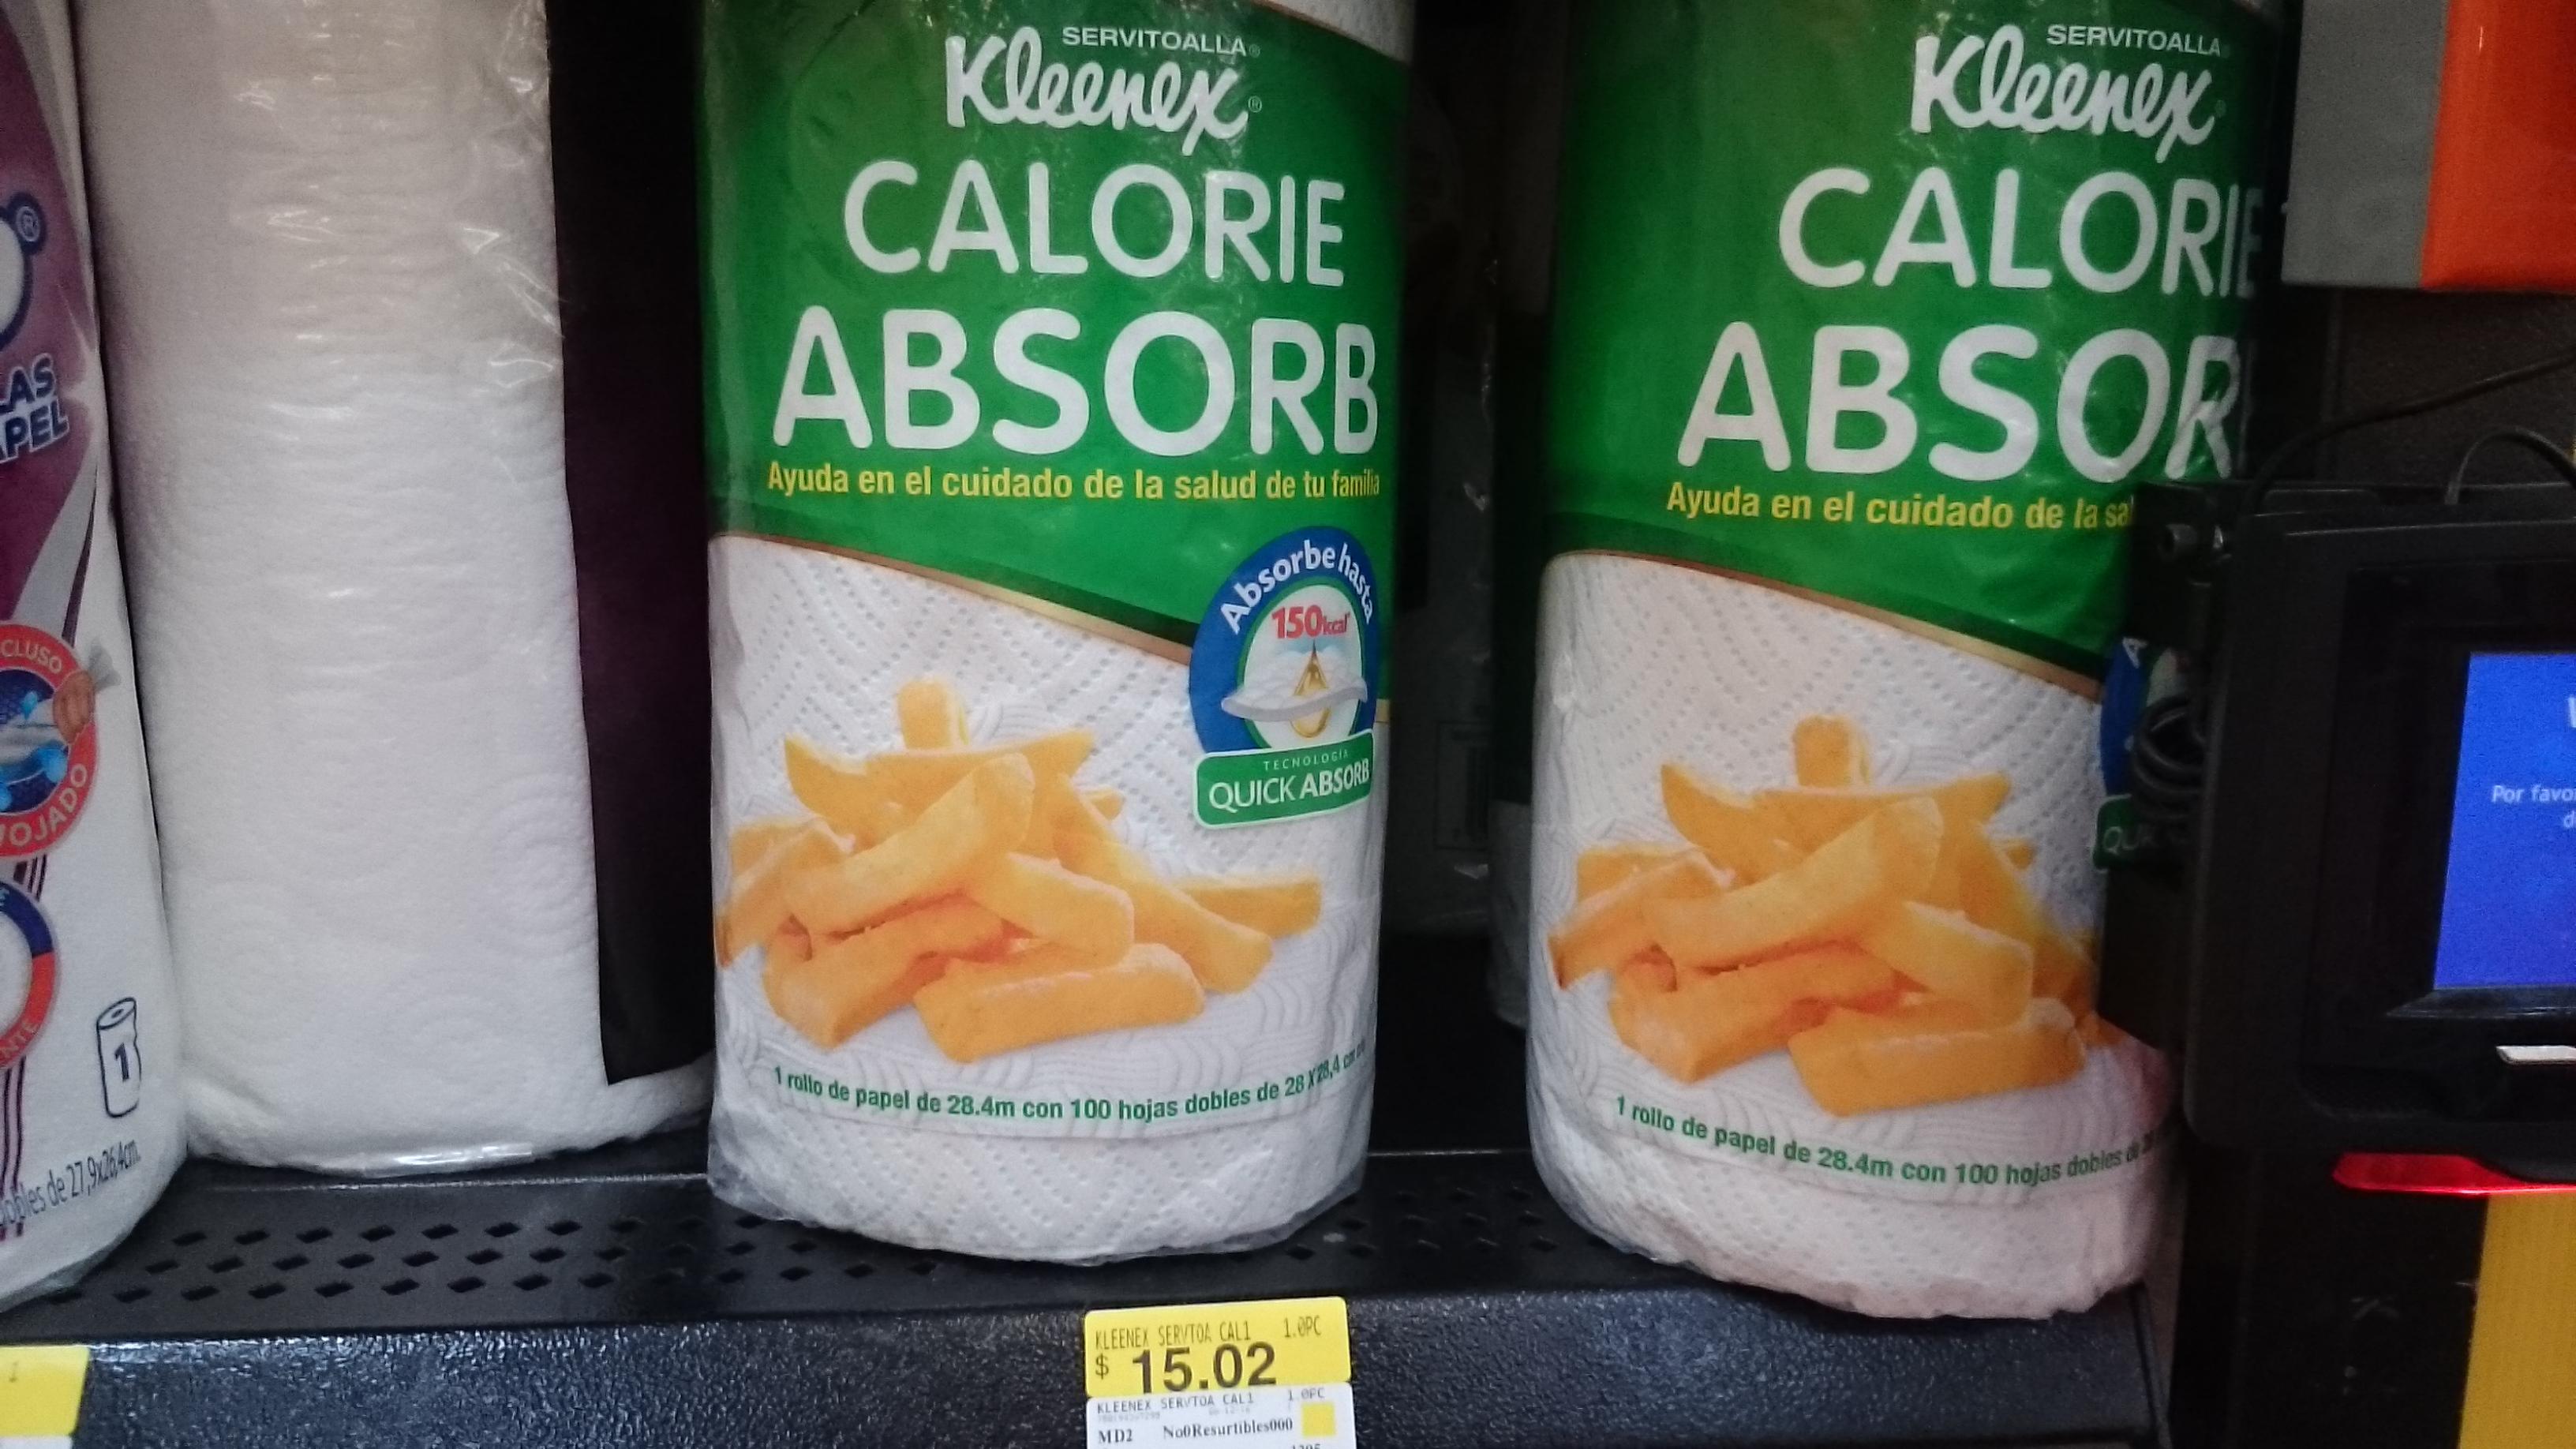 Walmart Jiutepec: servitoallas Kleenex a $15.02